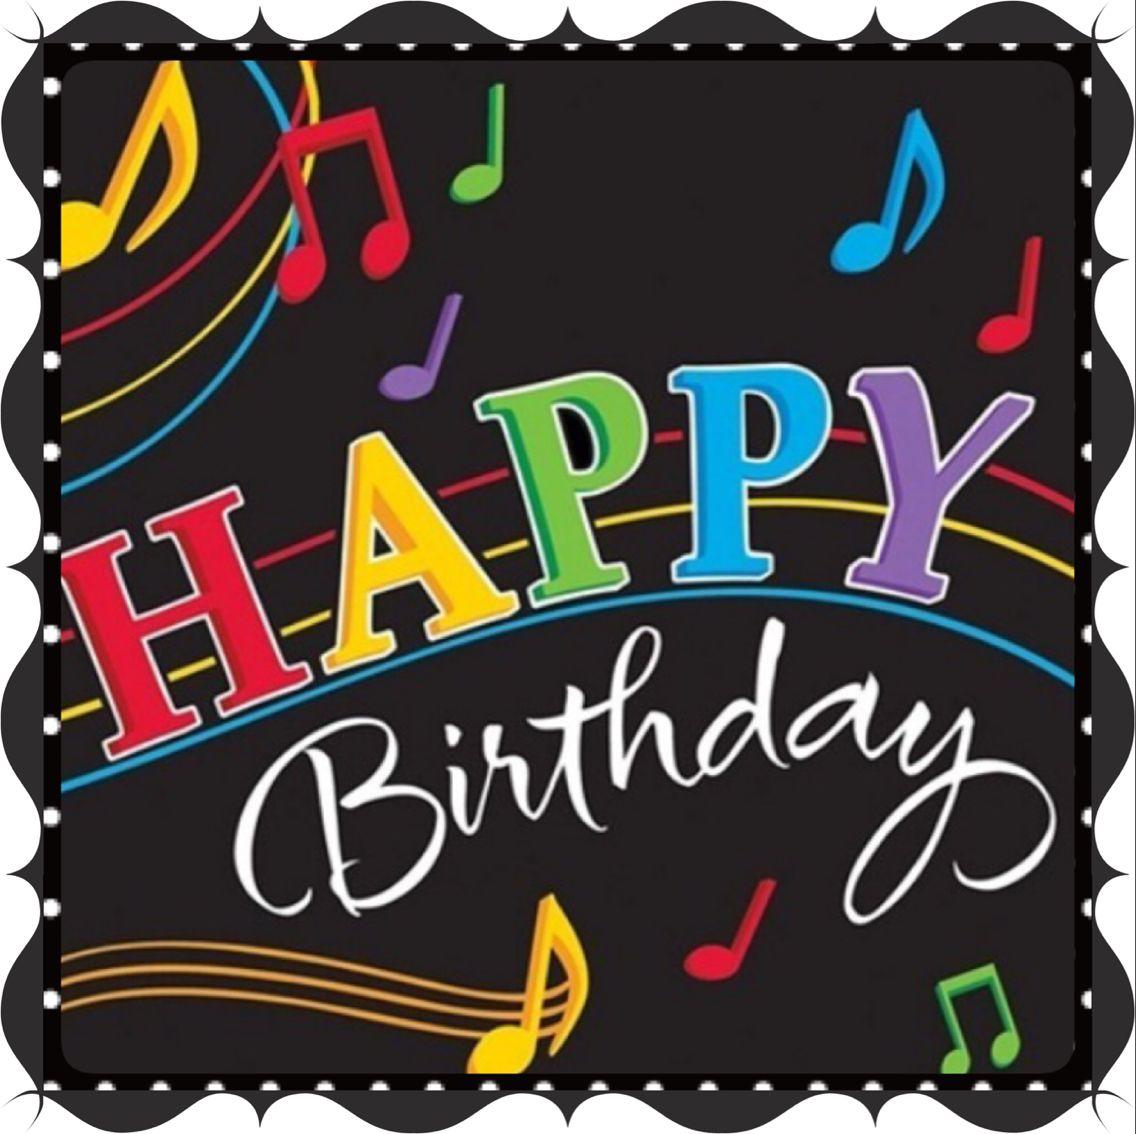 gefeliciteerd met muziek Gefeliciteerd | felicitatie muziek | Pinterest | Birthdays, Bday  gefeliciteerd met muziek